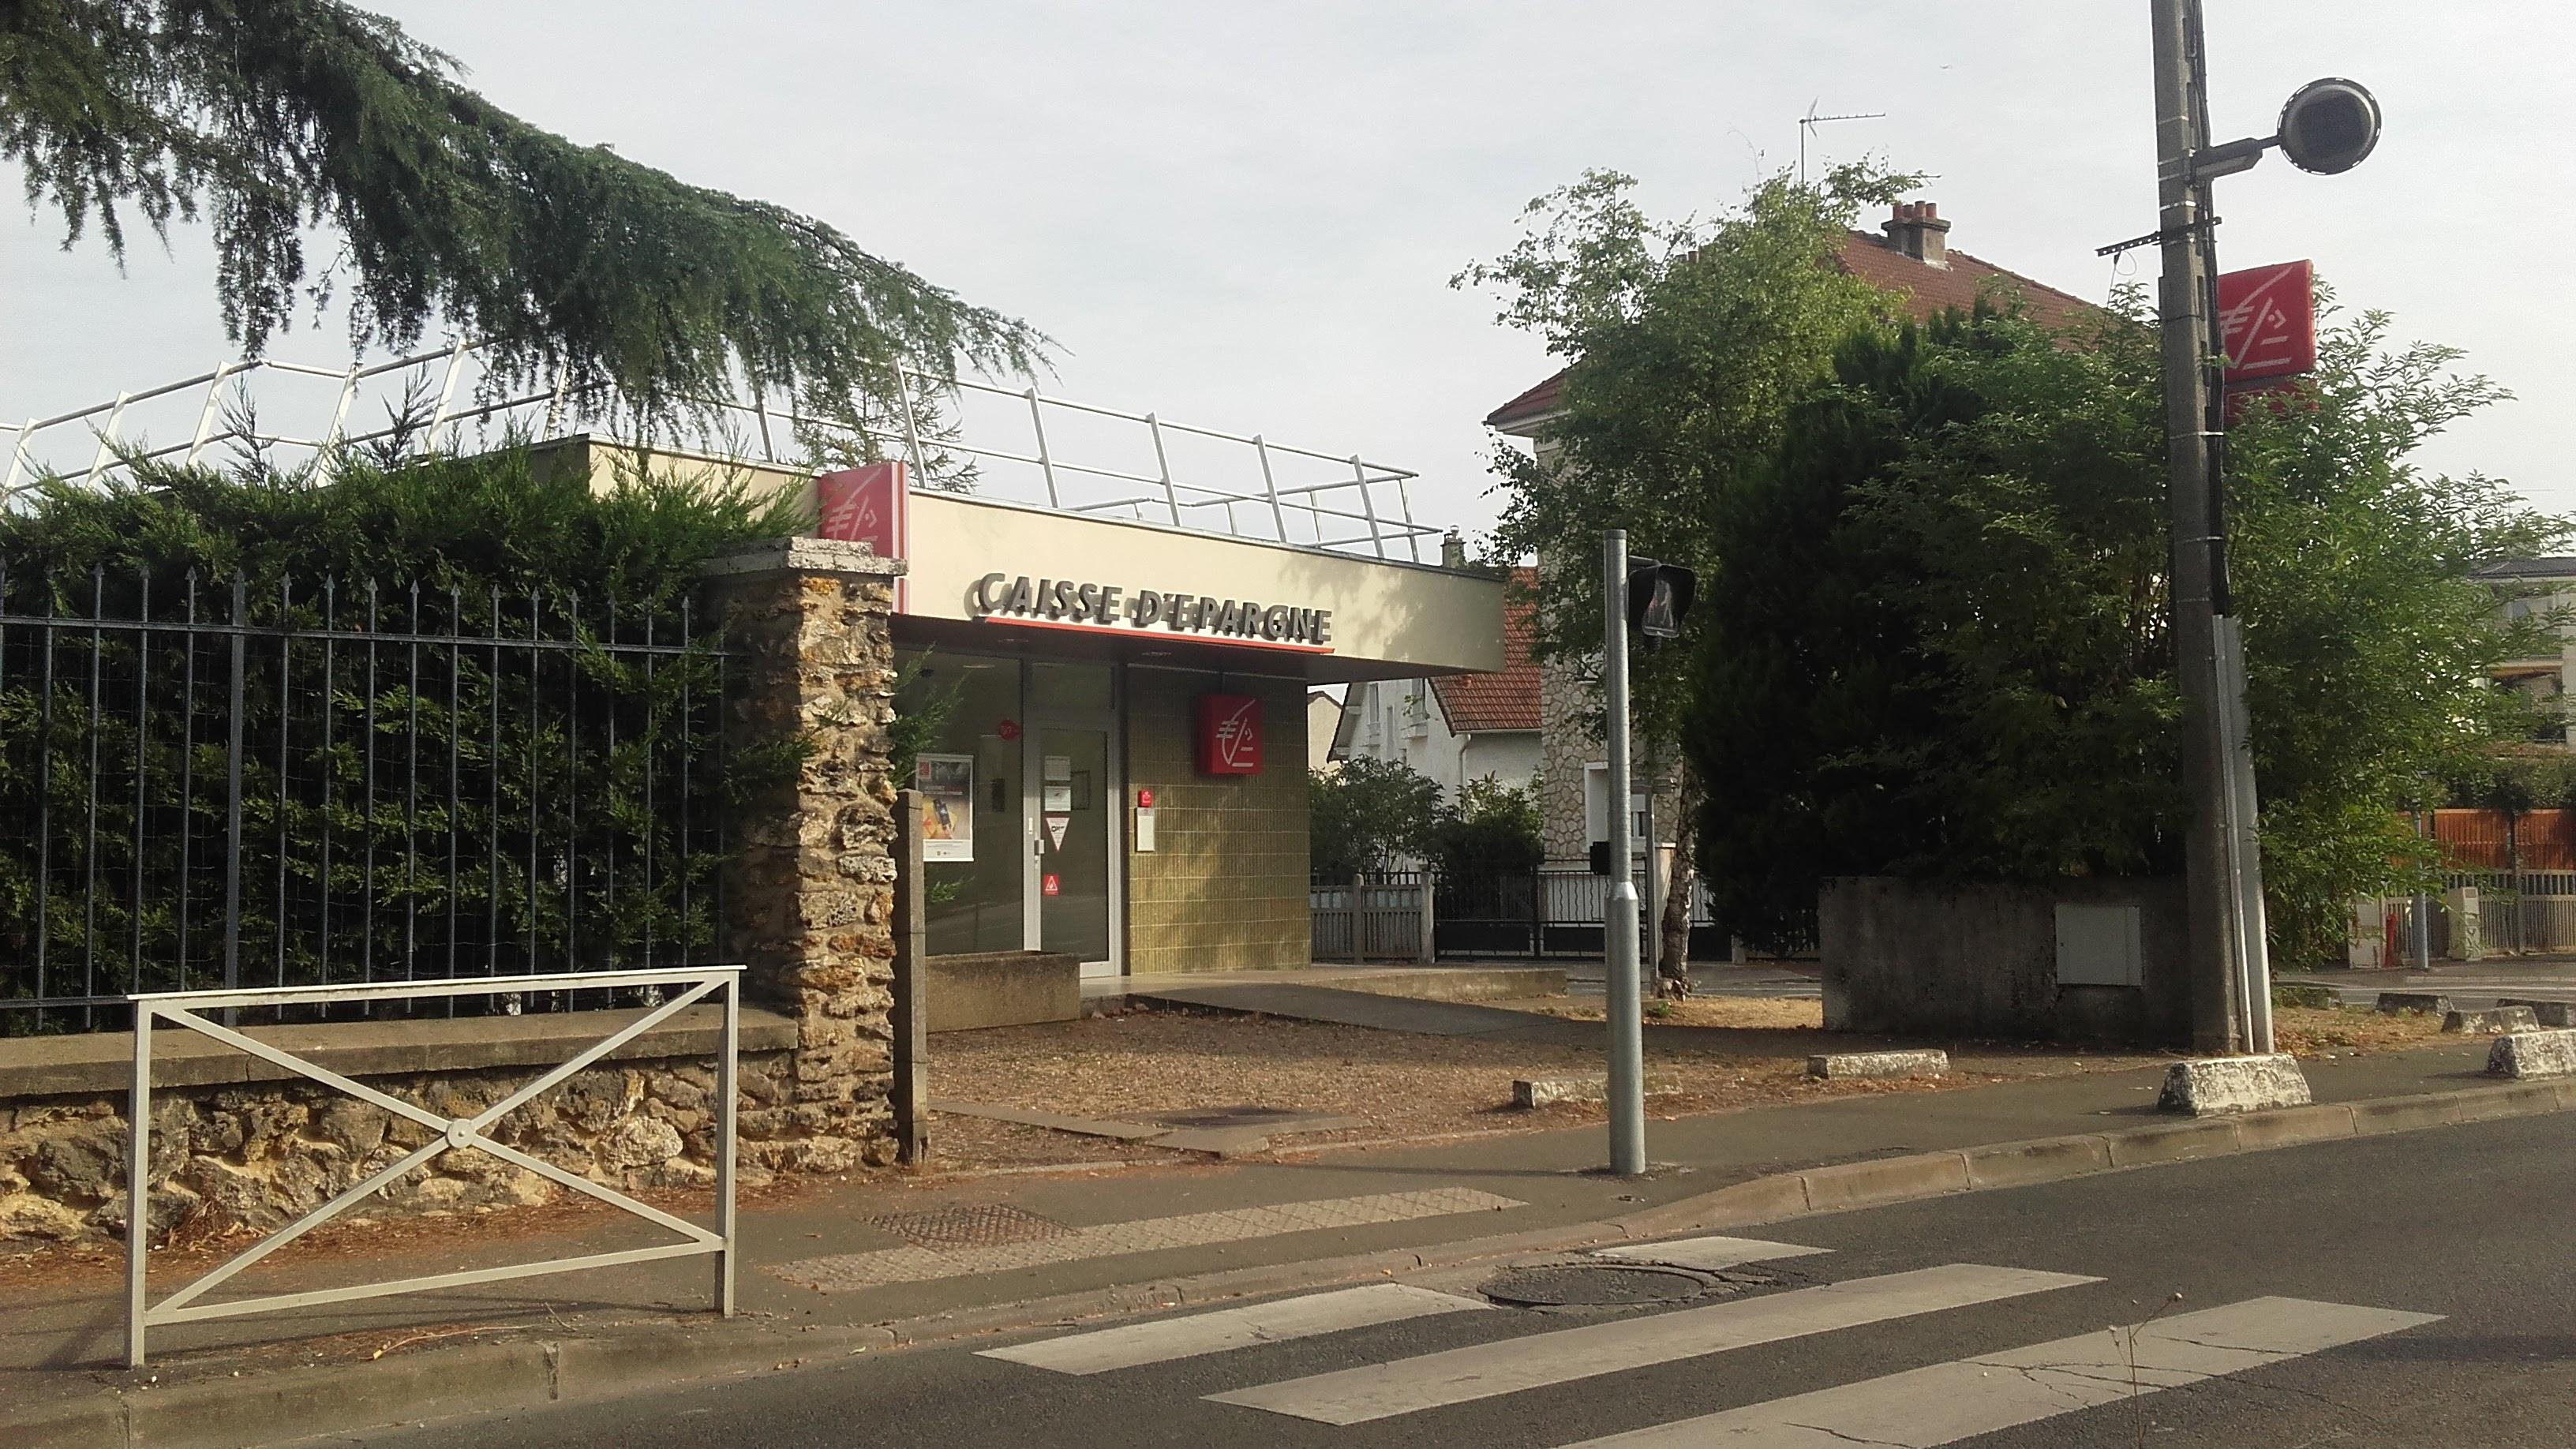 Caisse d'épargne de Vernouillet – Quartier du Parc